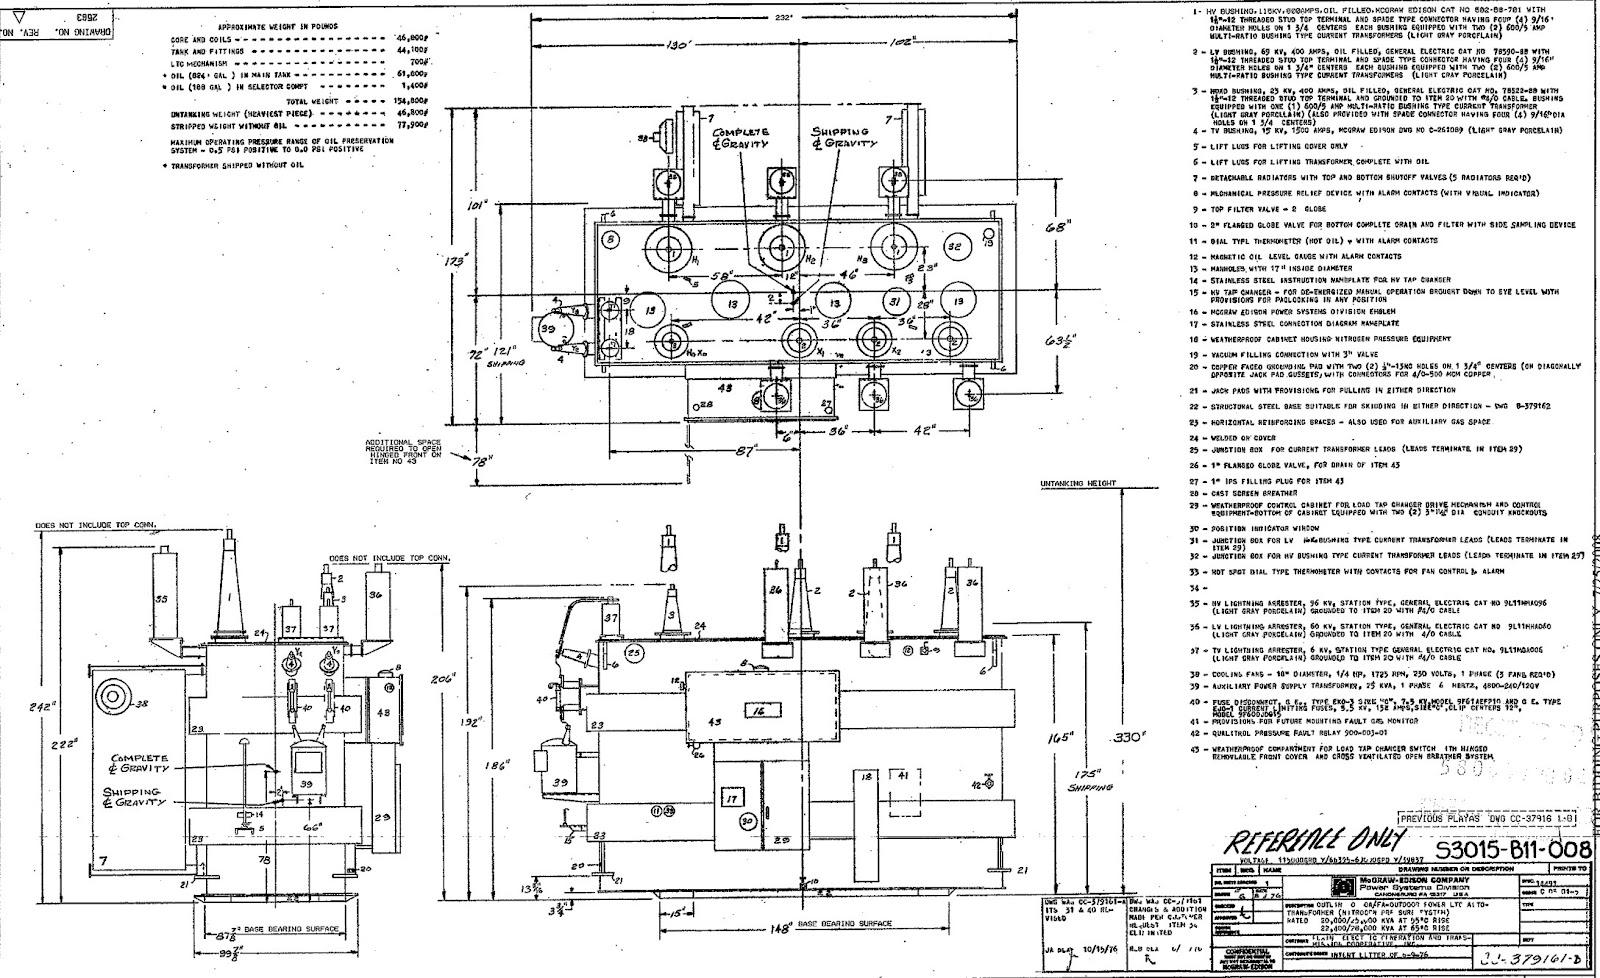 480 to 208 transformer diagram